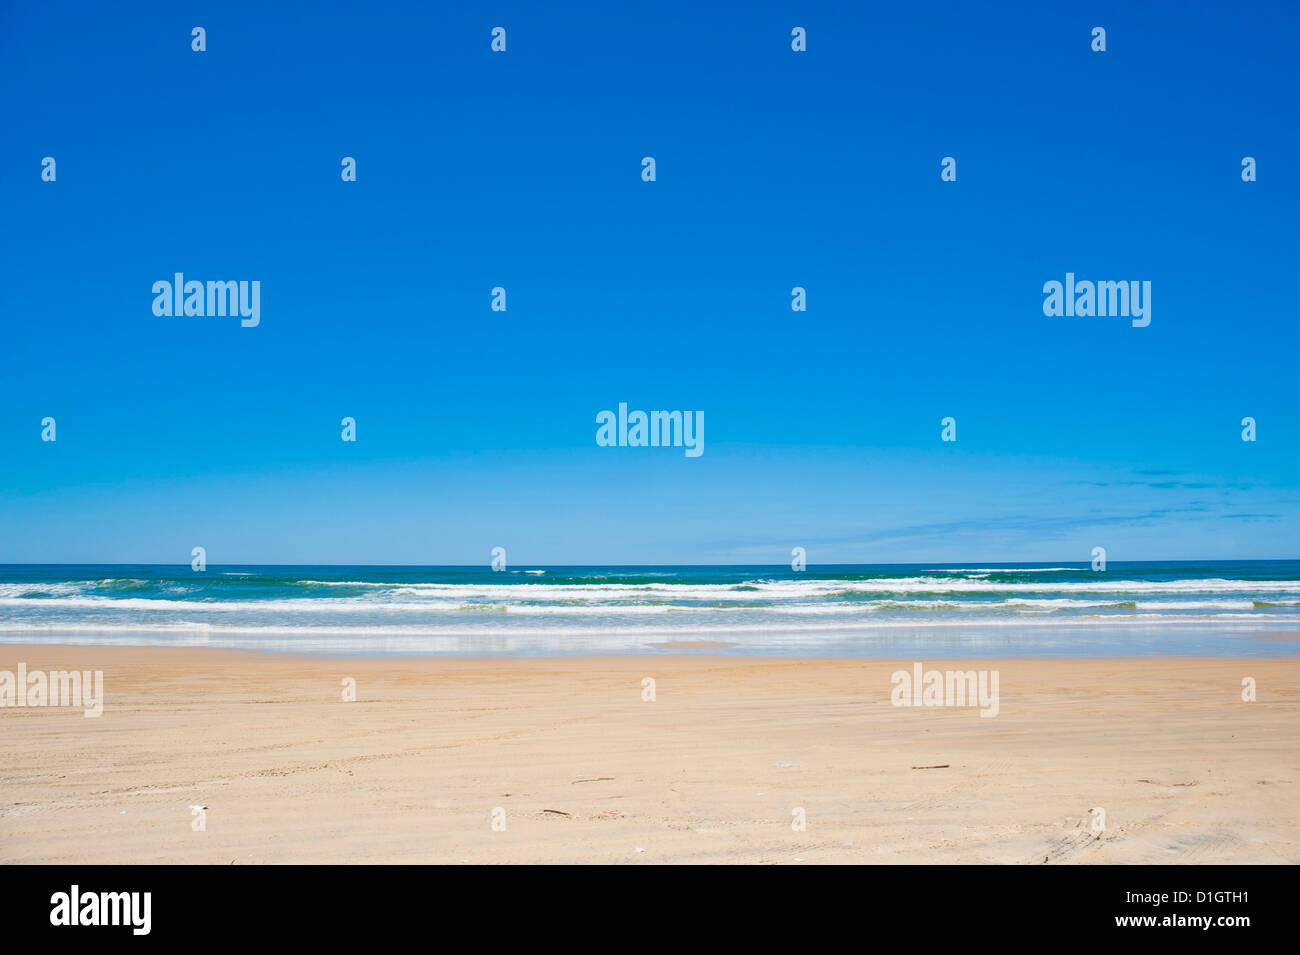 Setenta y cinco millas de playa de arena blanca y el cielo azul, la isla de Fraser, Queensland, Australia, el Pacífico Foto de stock